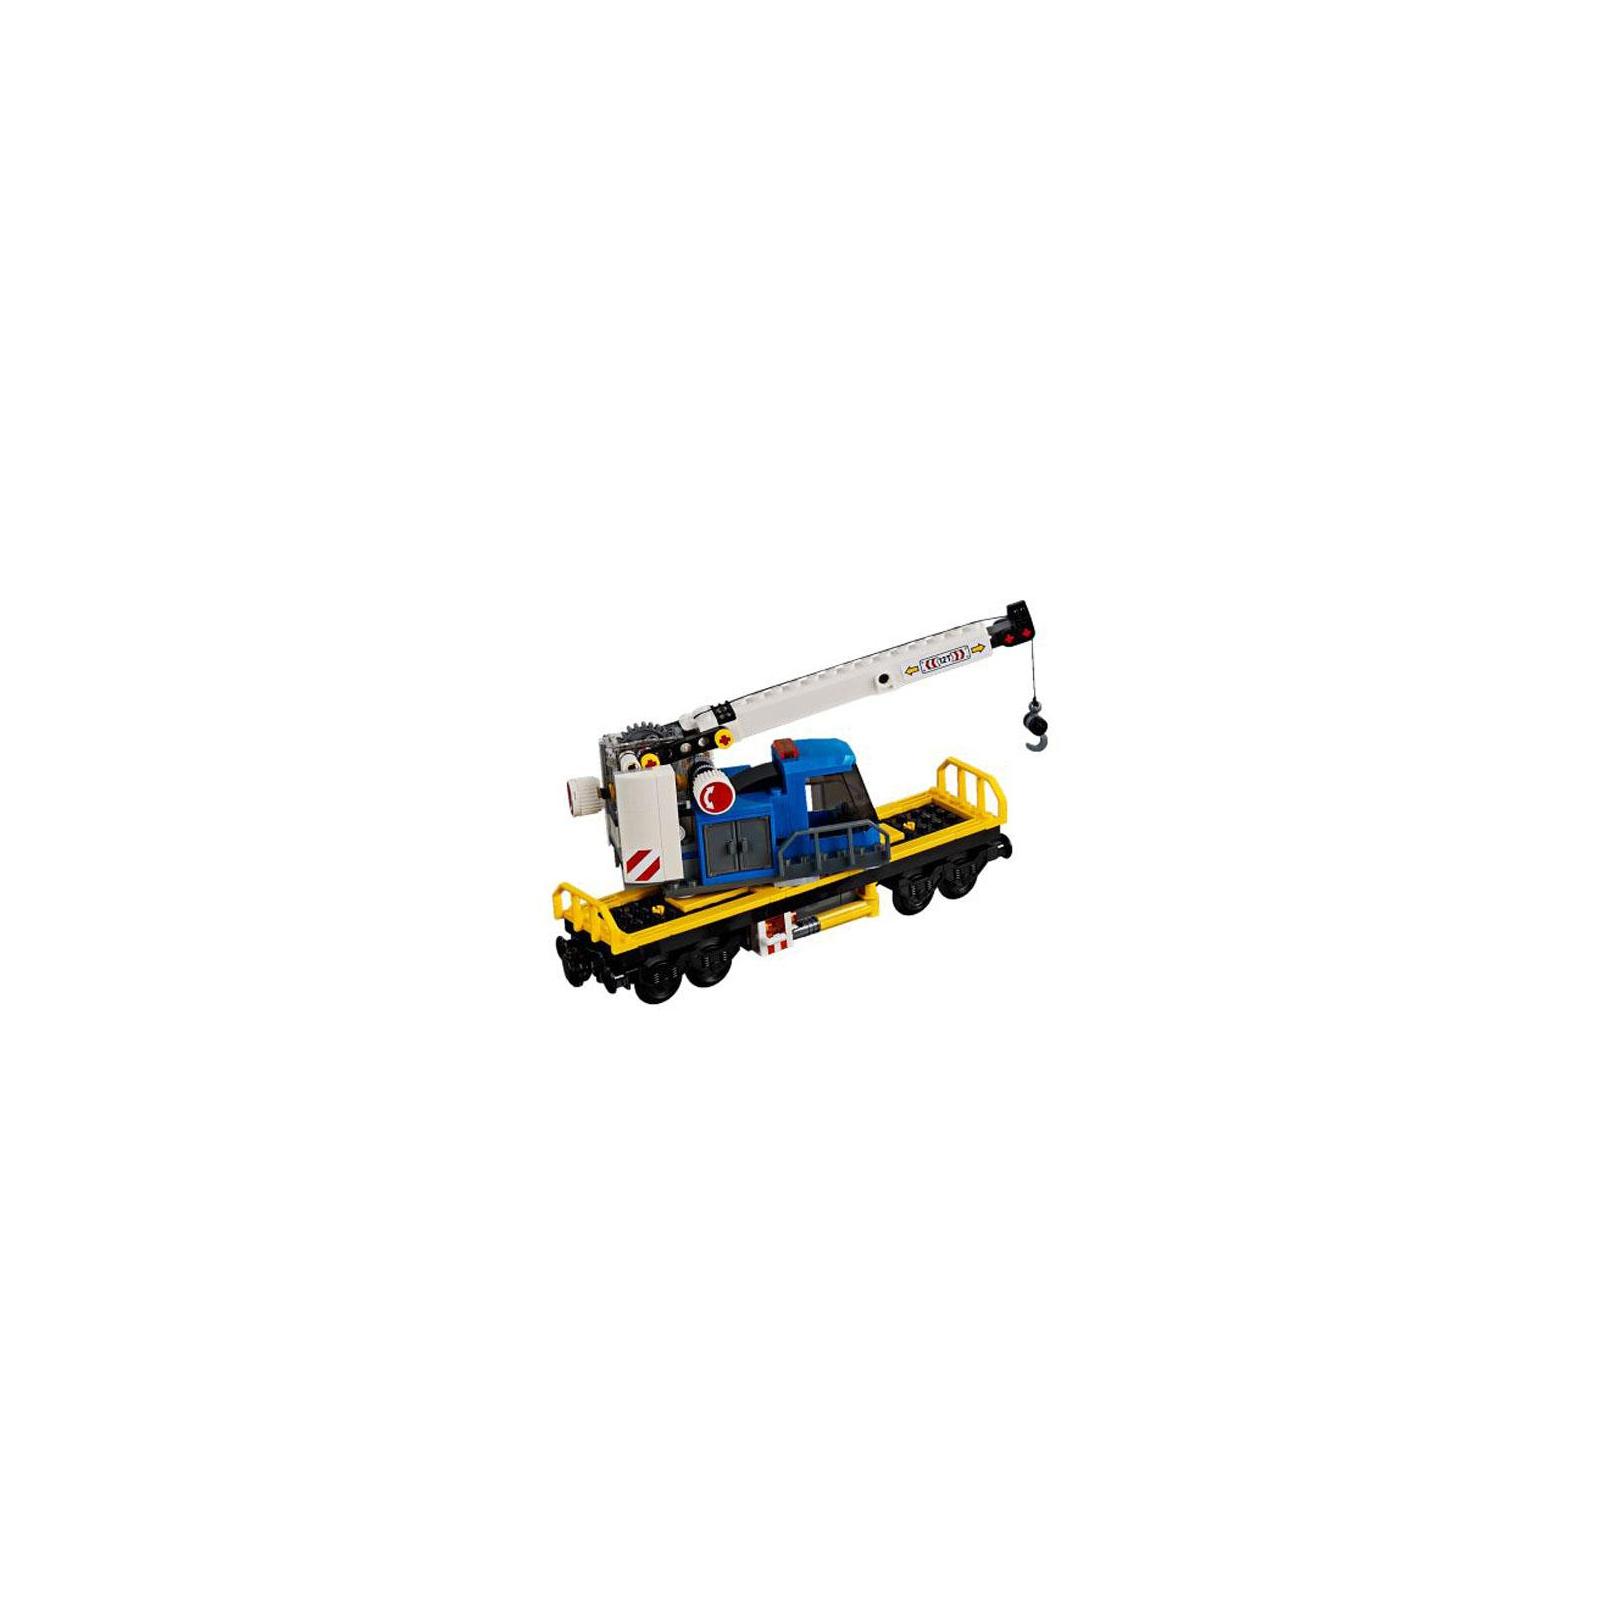 Конструктор LEGO CITY Грузовой поезд (60198) изображение 10